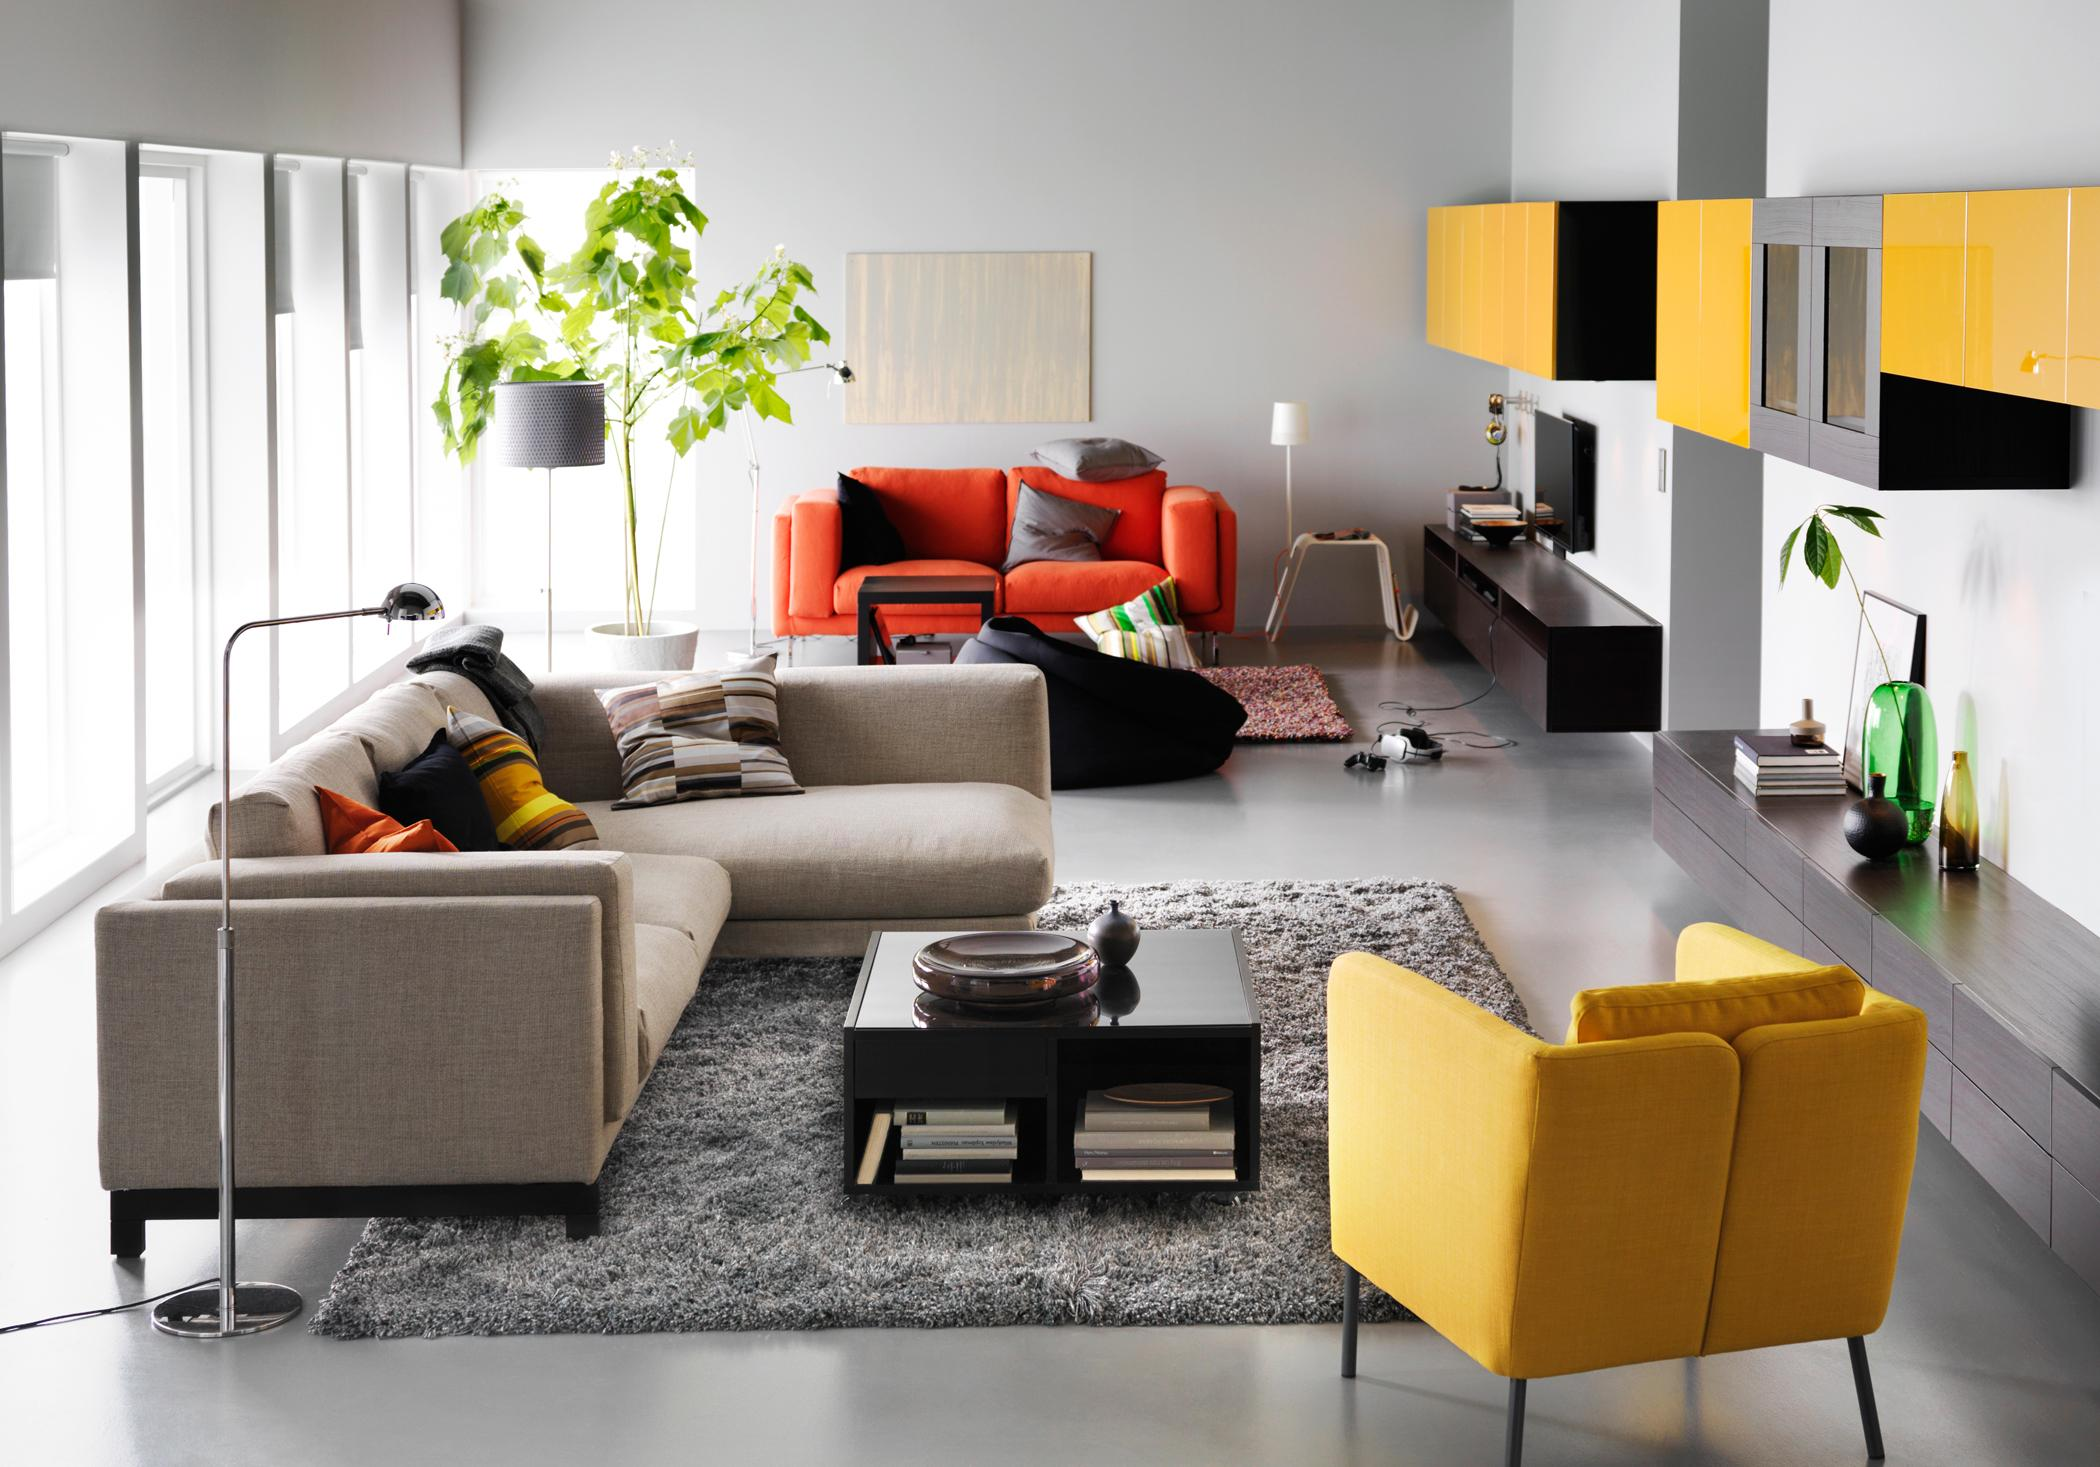 Mit Farbigen Akzenten Einrichten #teppich #wohnzimmer #hängeschrank #sessel  #stehlampe #ikea